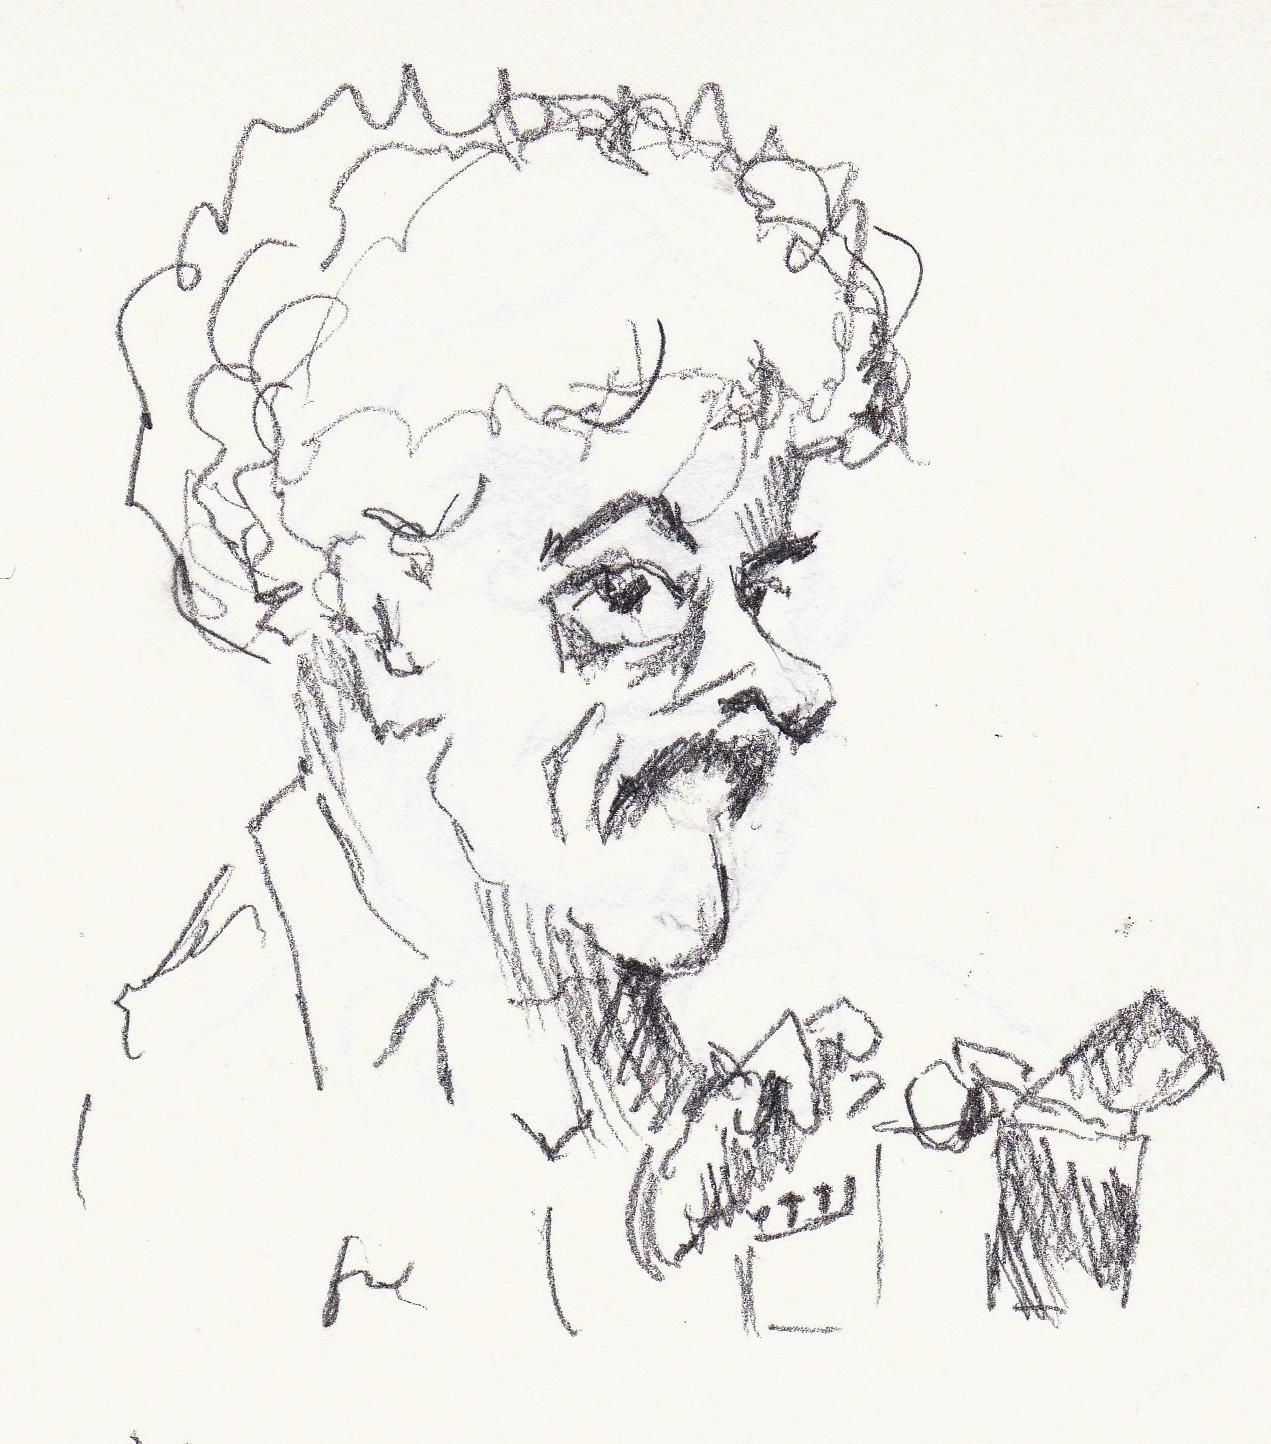 Kurt Vonnegut's rules for writing, the Rommel myth, Becky